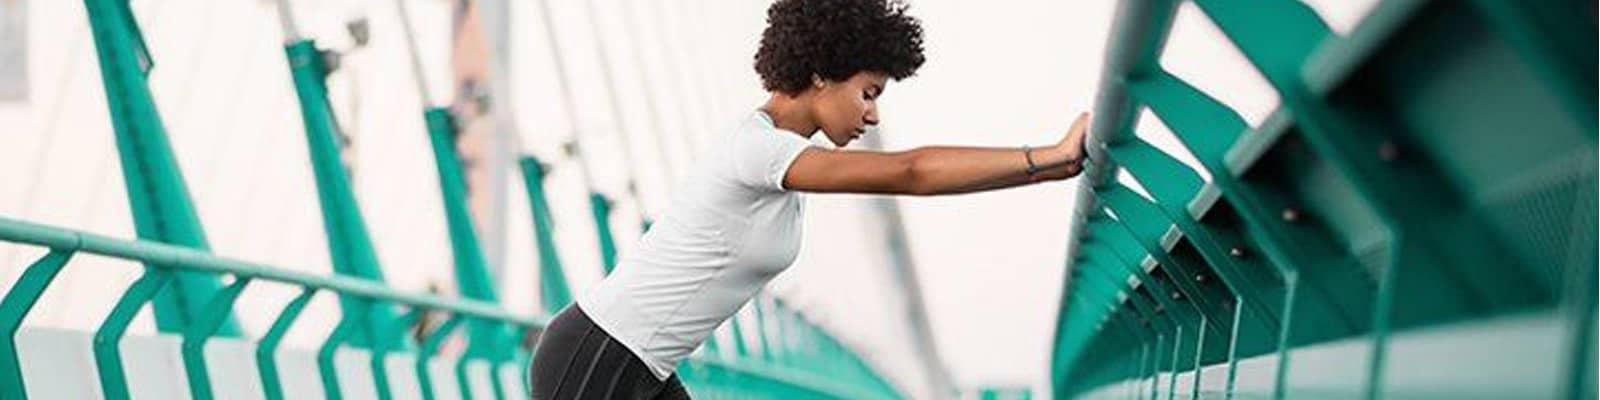 ejercicios y guias para principiantes